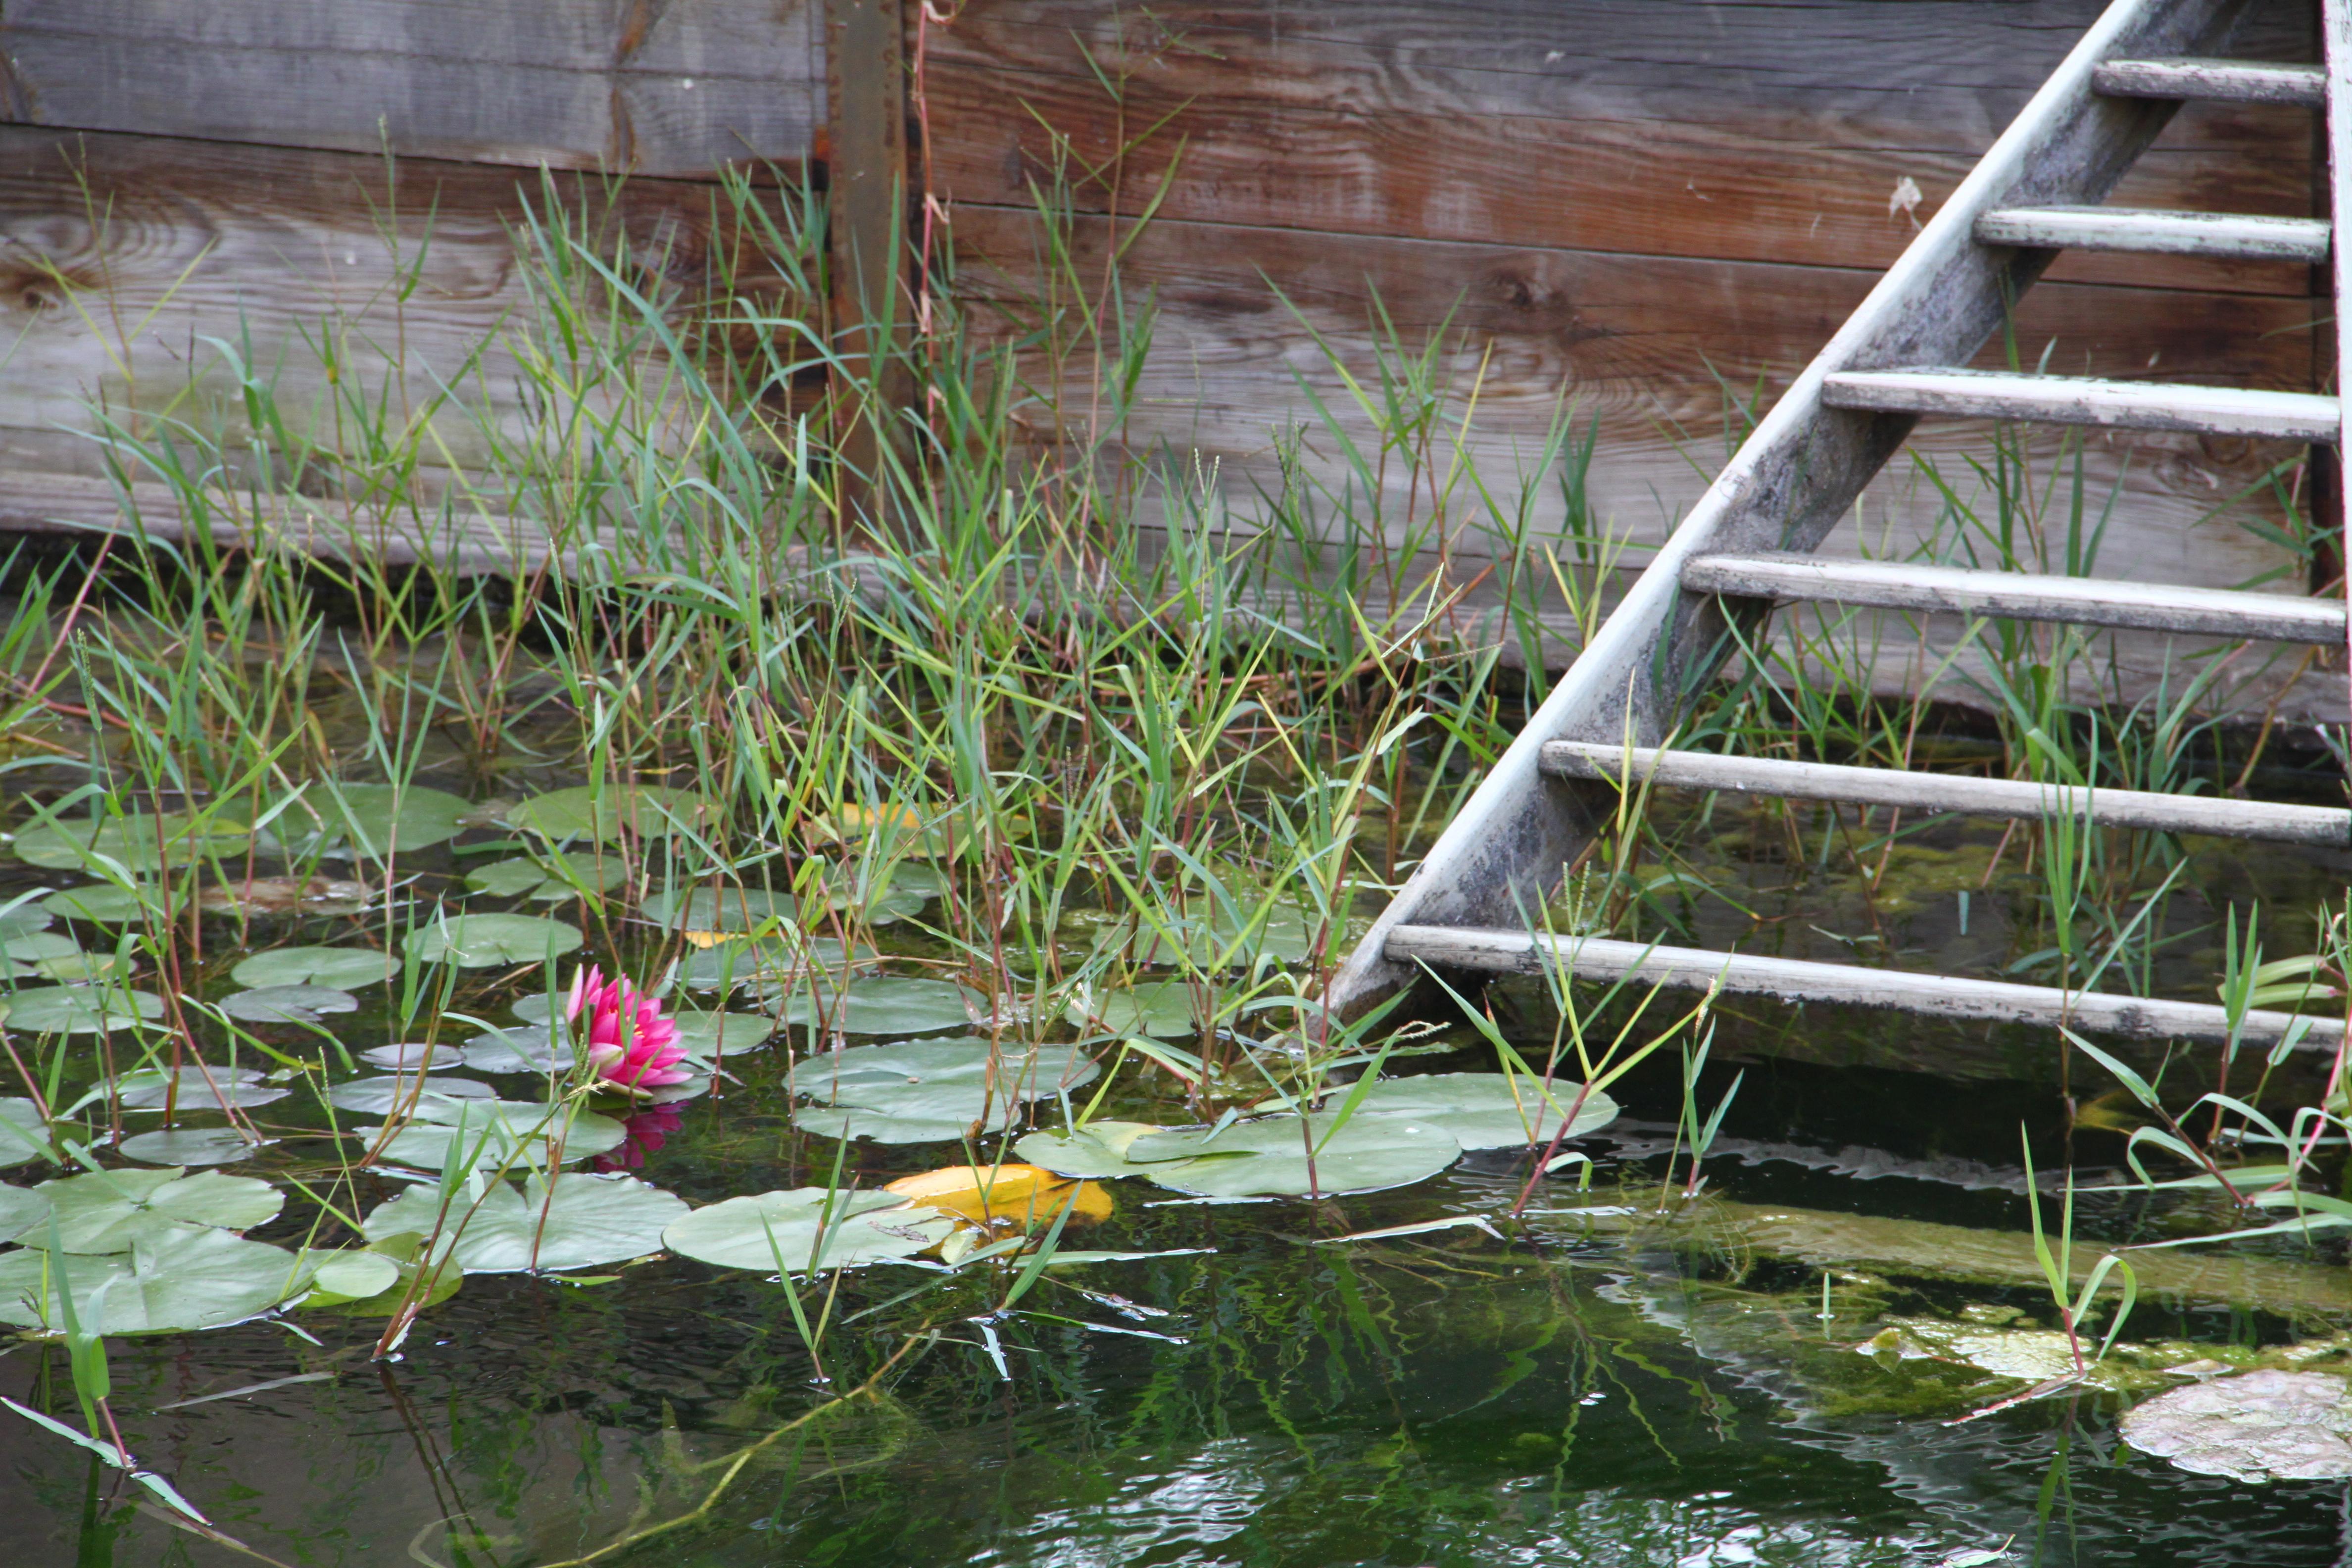 Fichier jardins du mus um toulouse plan d 39 eau jpg wikip dia - Les jardins du museum toulouse ...